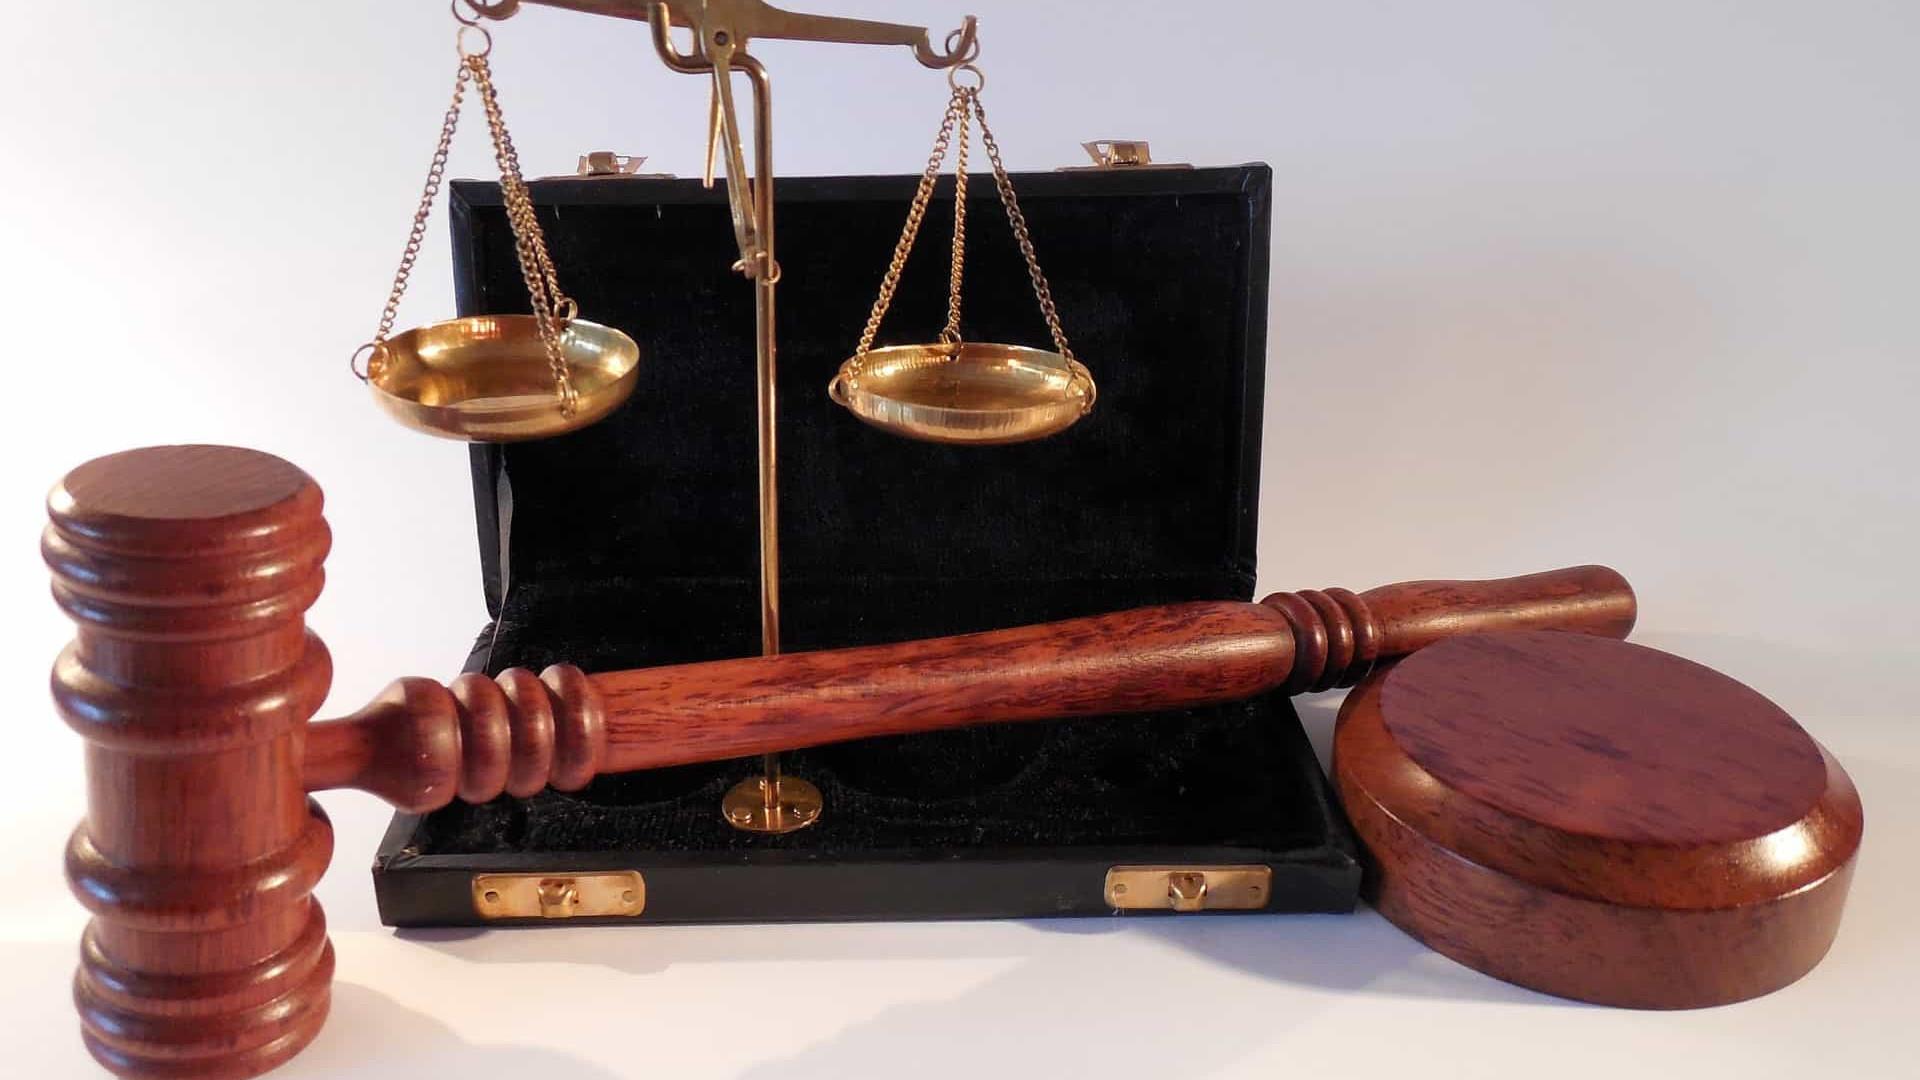 CNJ julga juiz que 'solta muito' por decisões com 'viés curiosamente garantista'